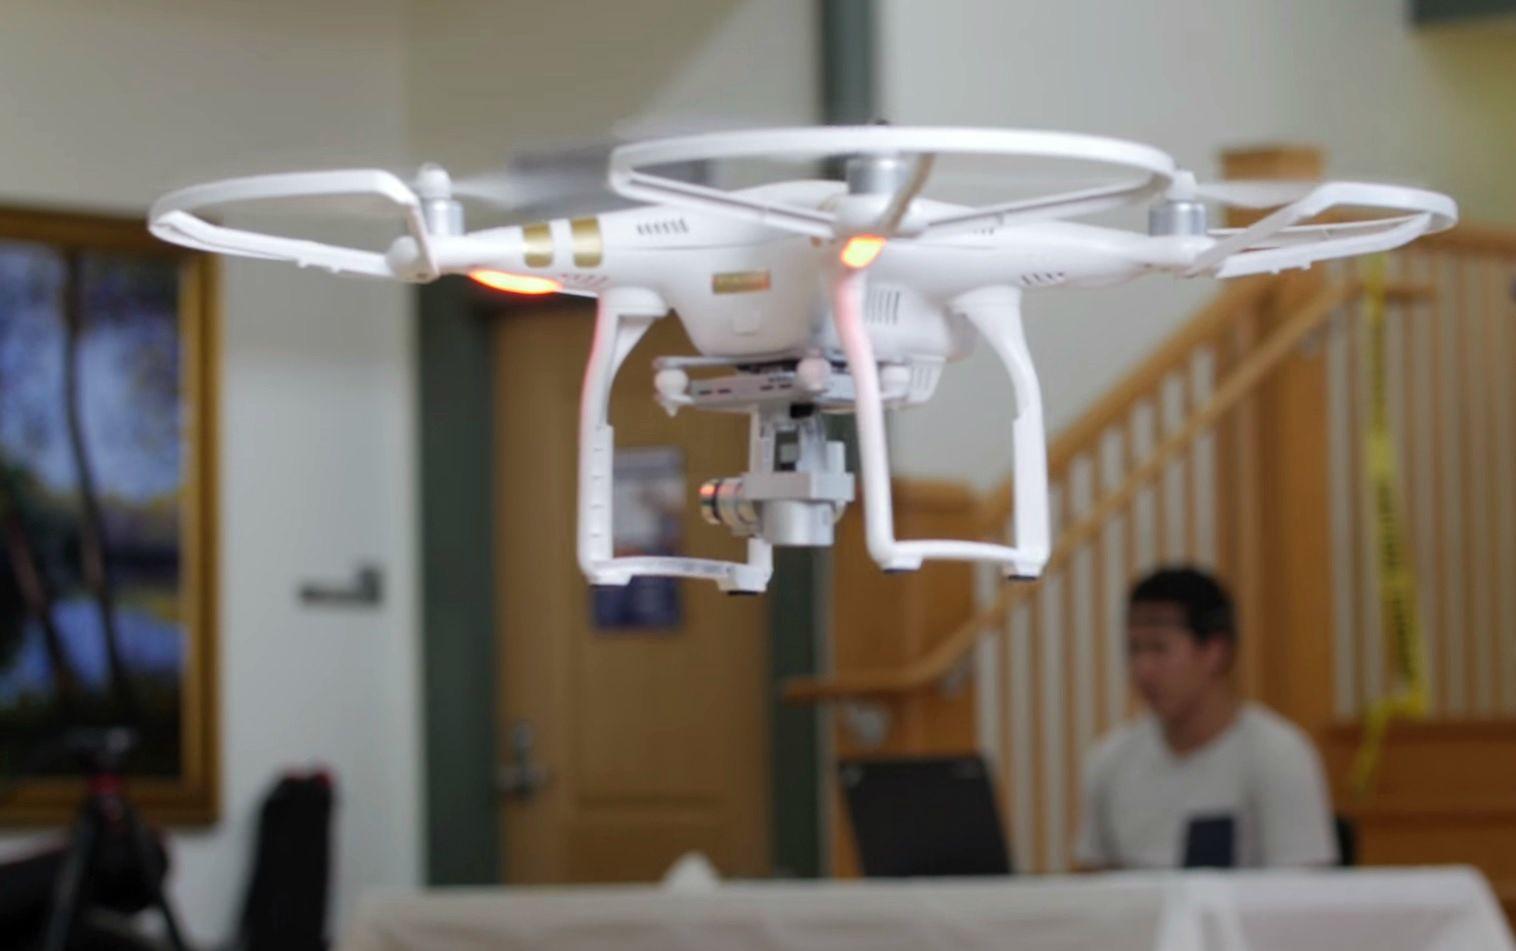 Drone race mind control brain